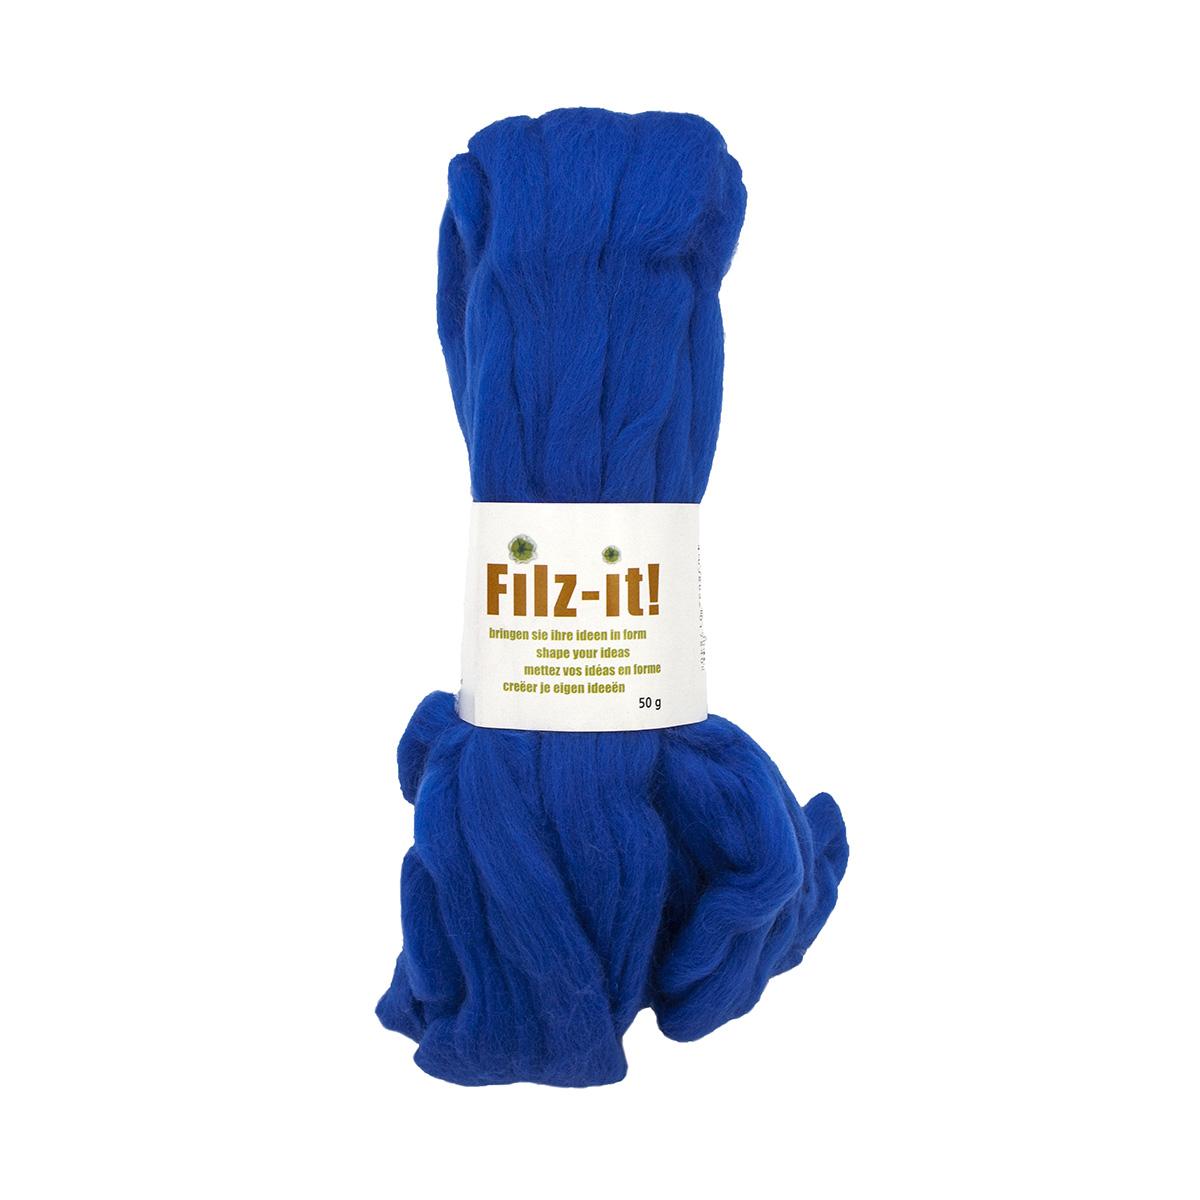 9812841 Шерсть для валяния 'Filtz-it' MERINO однот., 50 гр COATS